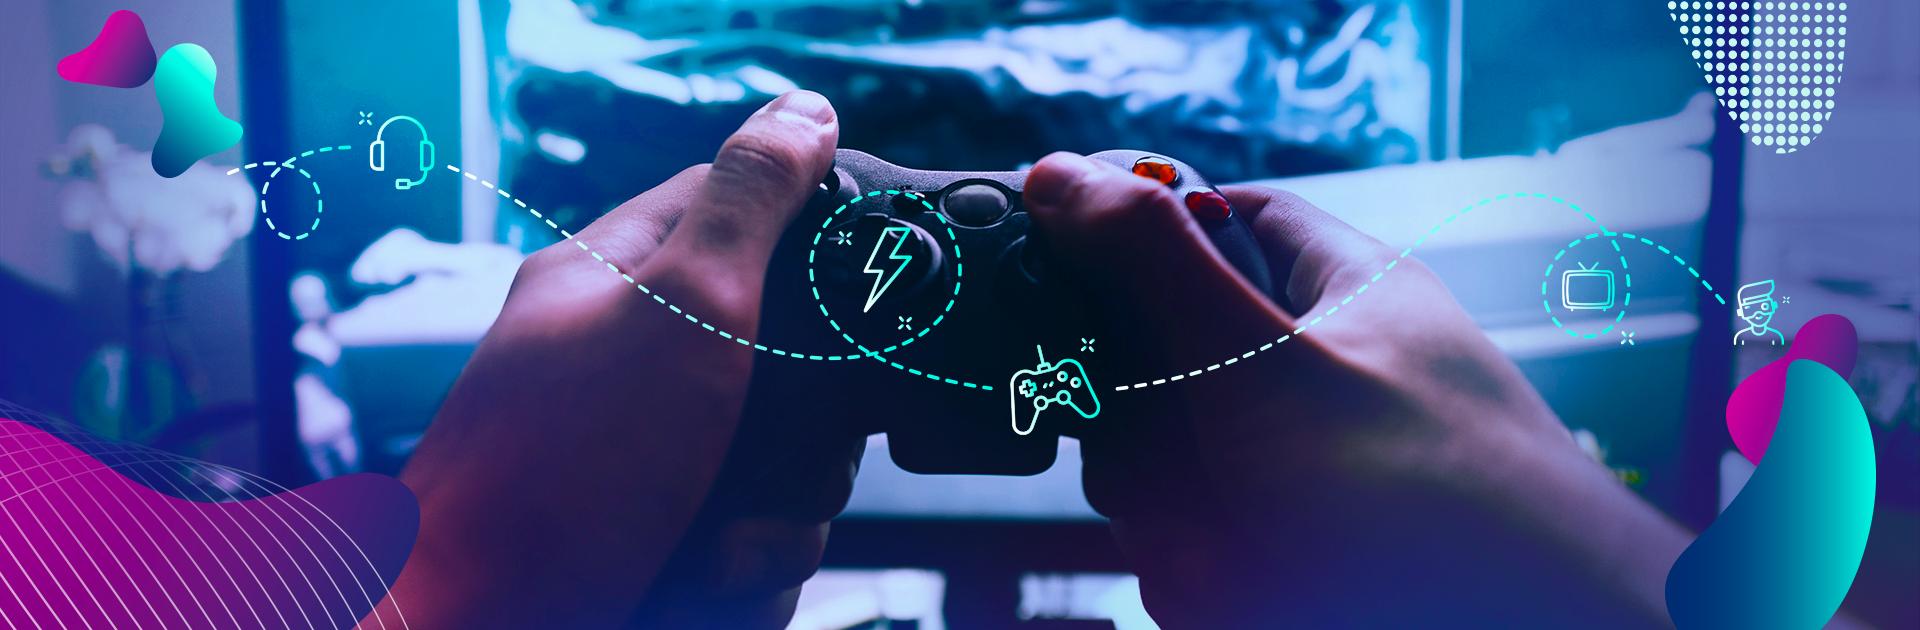 Intrattenimento Gen Z, presente e futuro tra gaming e tv